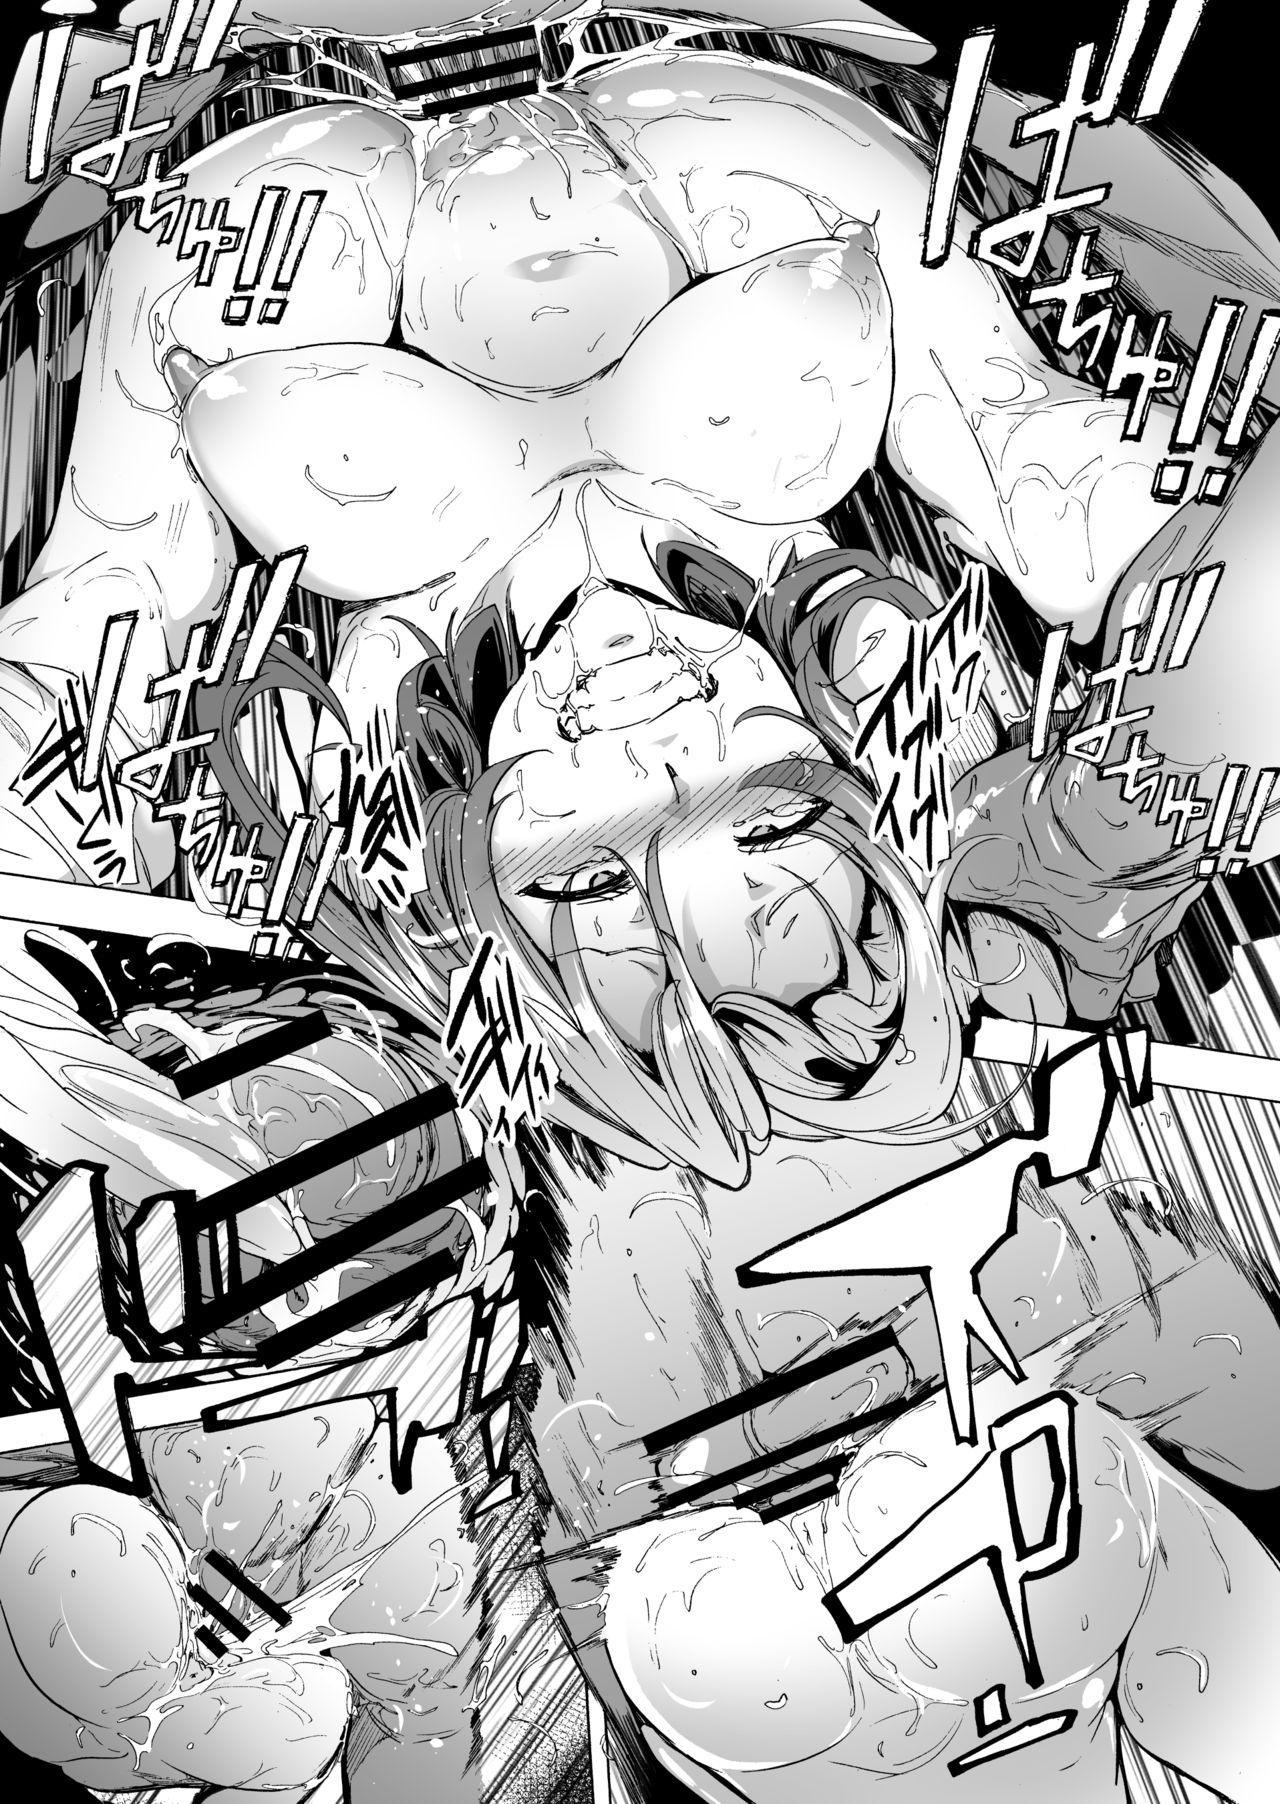 ゲームオブビッチーズ第6話 22